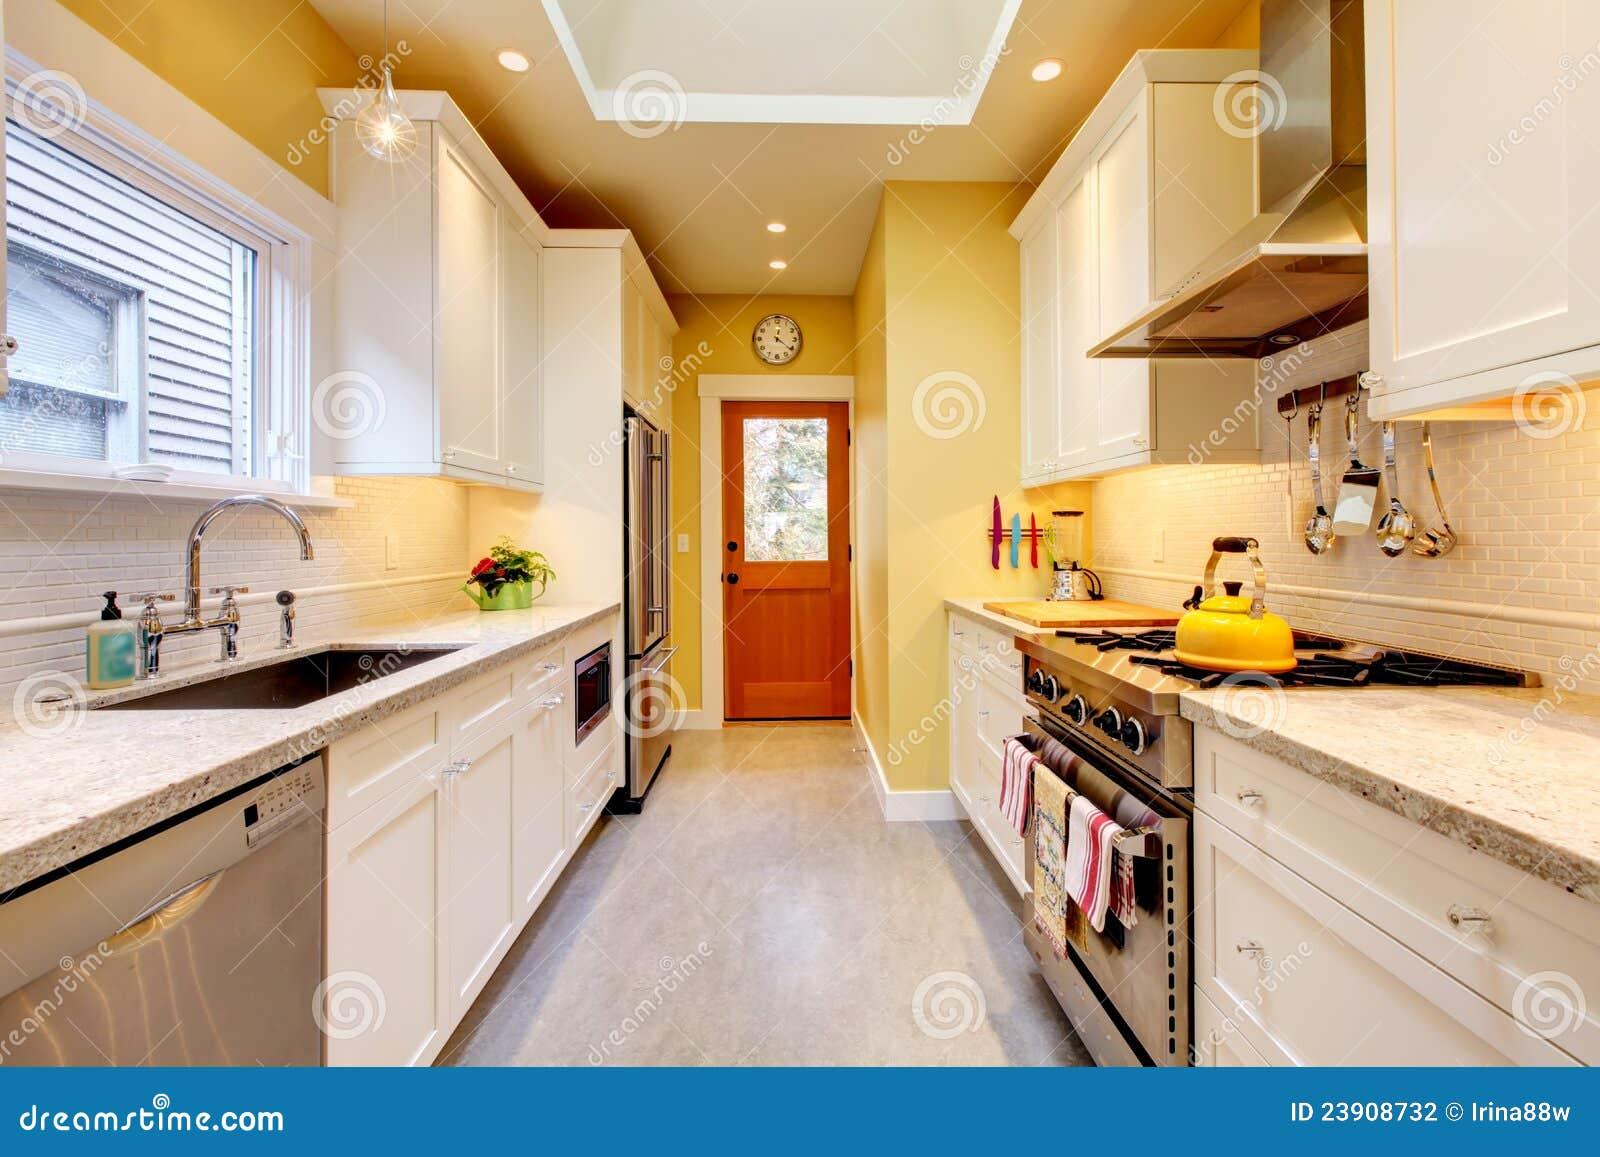 Gele En Witte Smalle Moderne Keuken. Stock Fotografie - Afbeelding ...